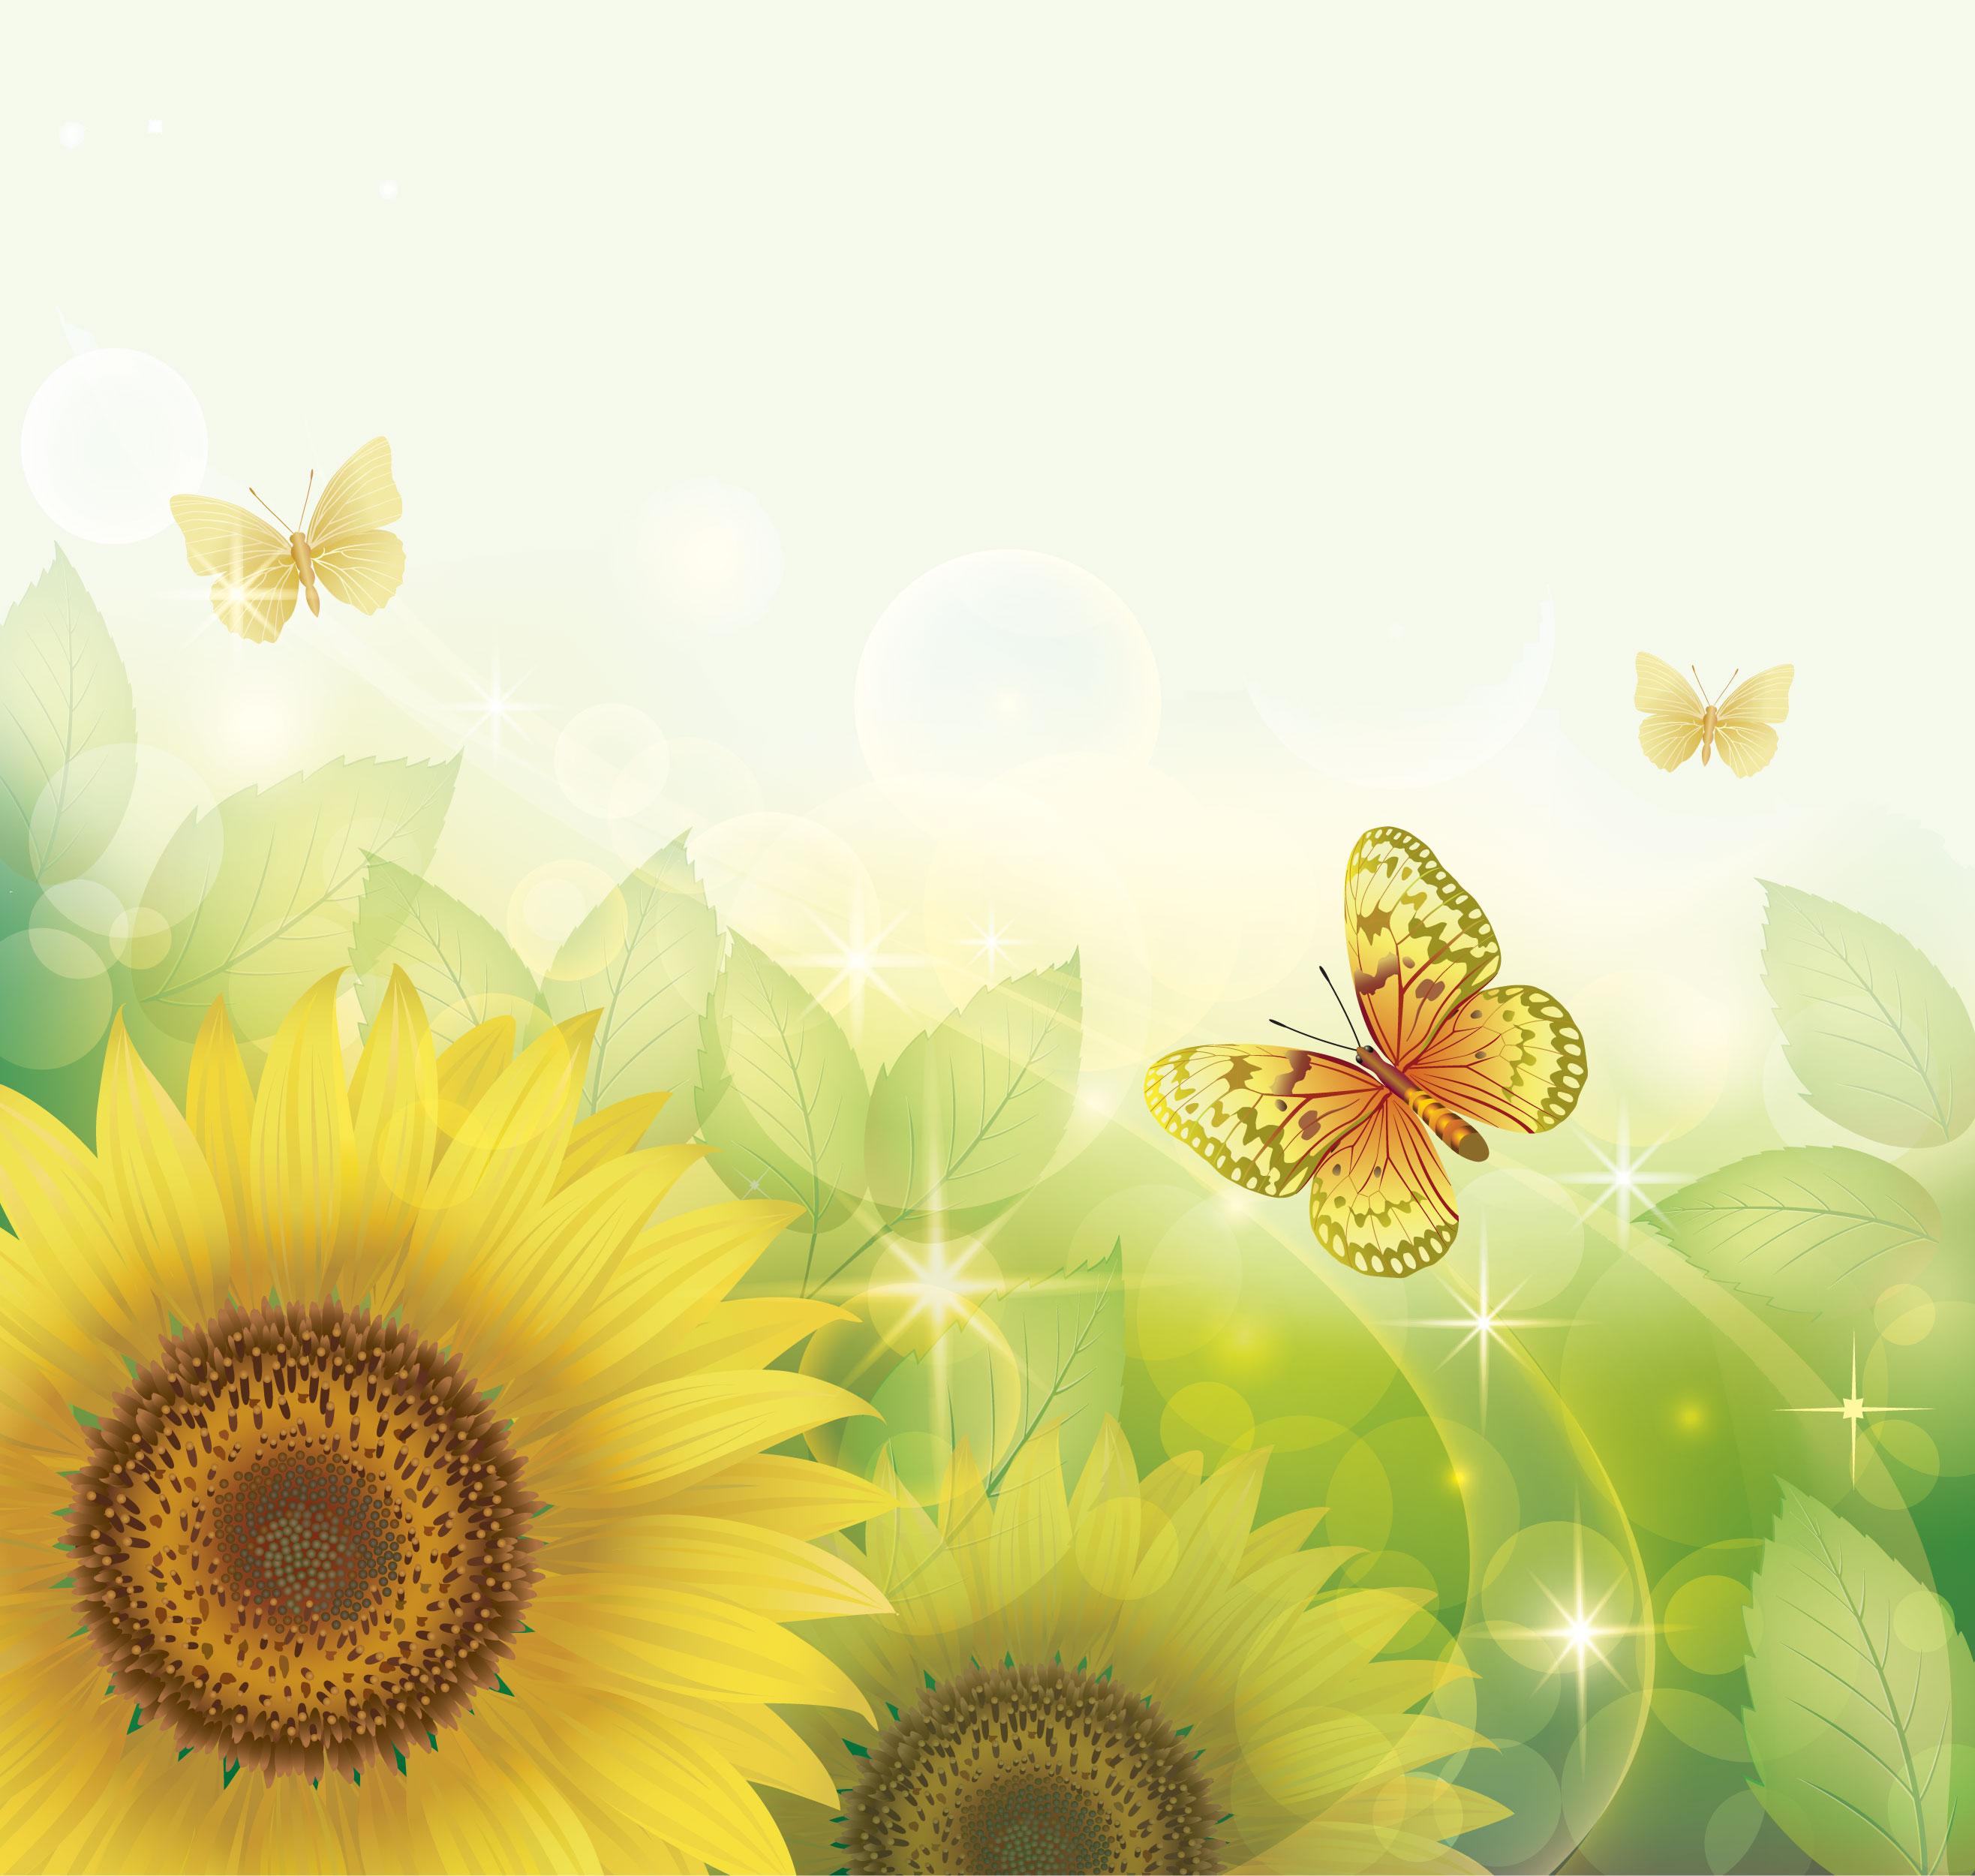 黄色の花のイラスト フリー素材 背景 壁紙no 299 ひまわり 蝶